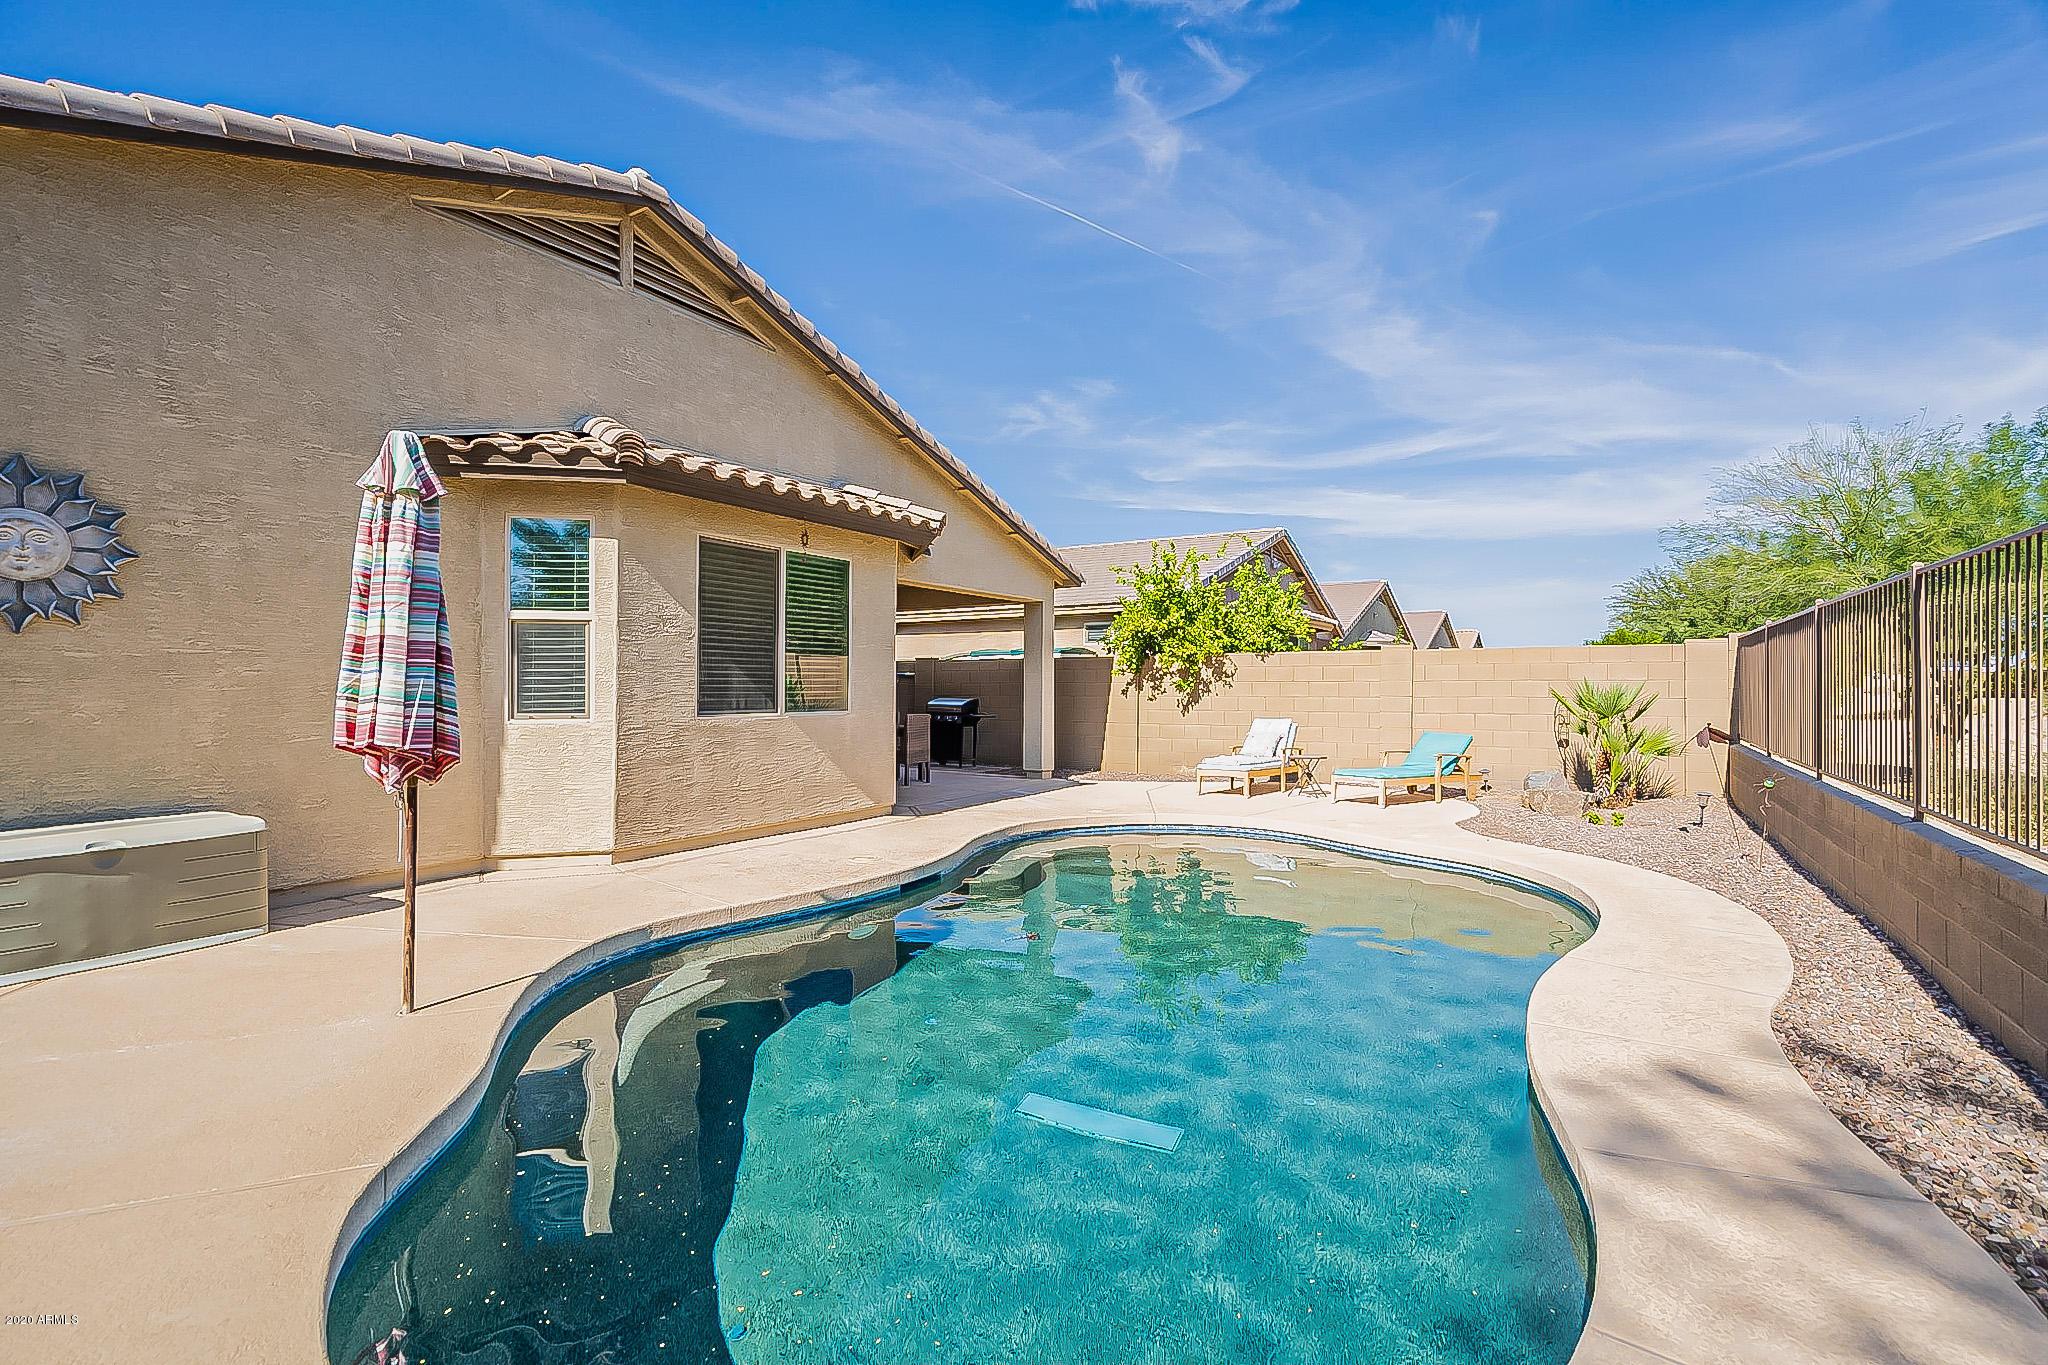 MLS 6143336 35961 N MATTHEWS Drive, San Tan Valley, AZ 85143 San Tan Valley AZ Private Pool